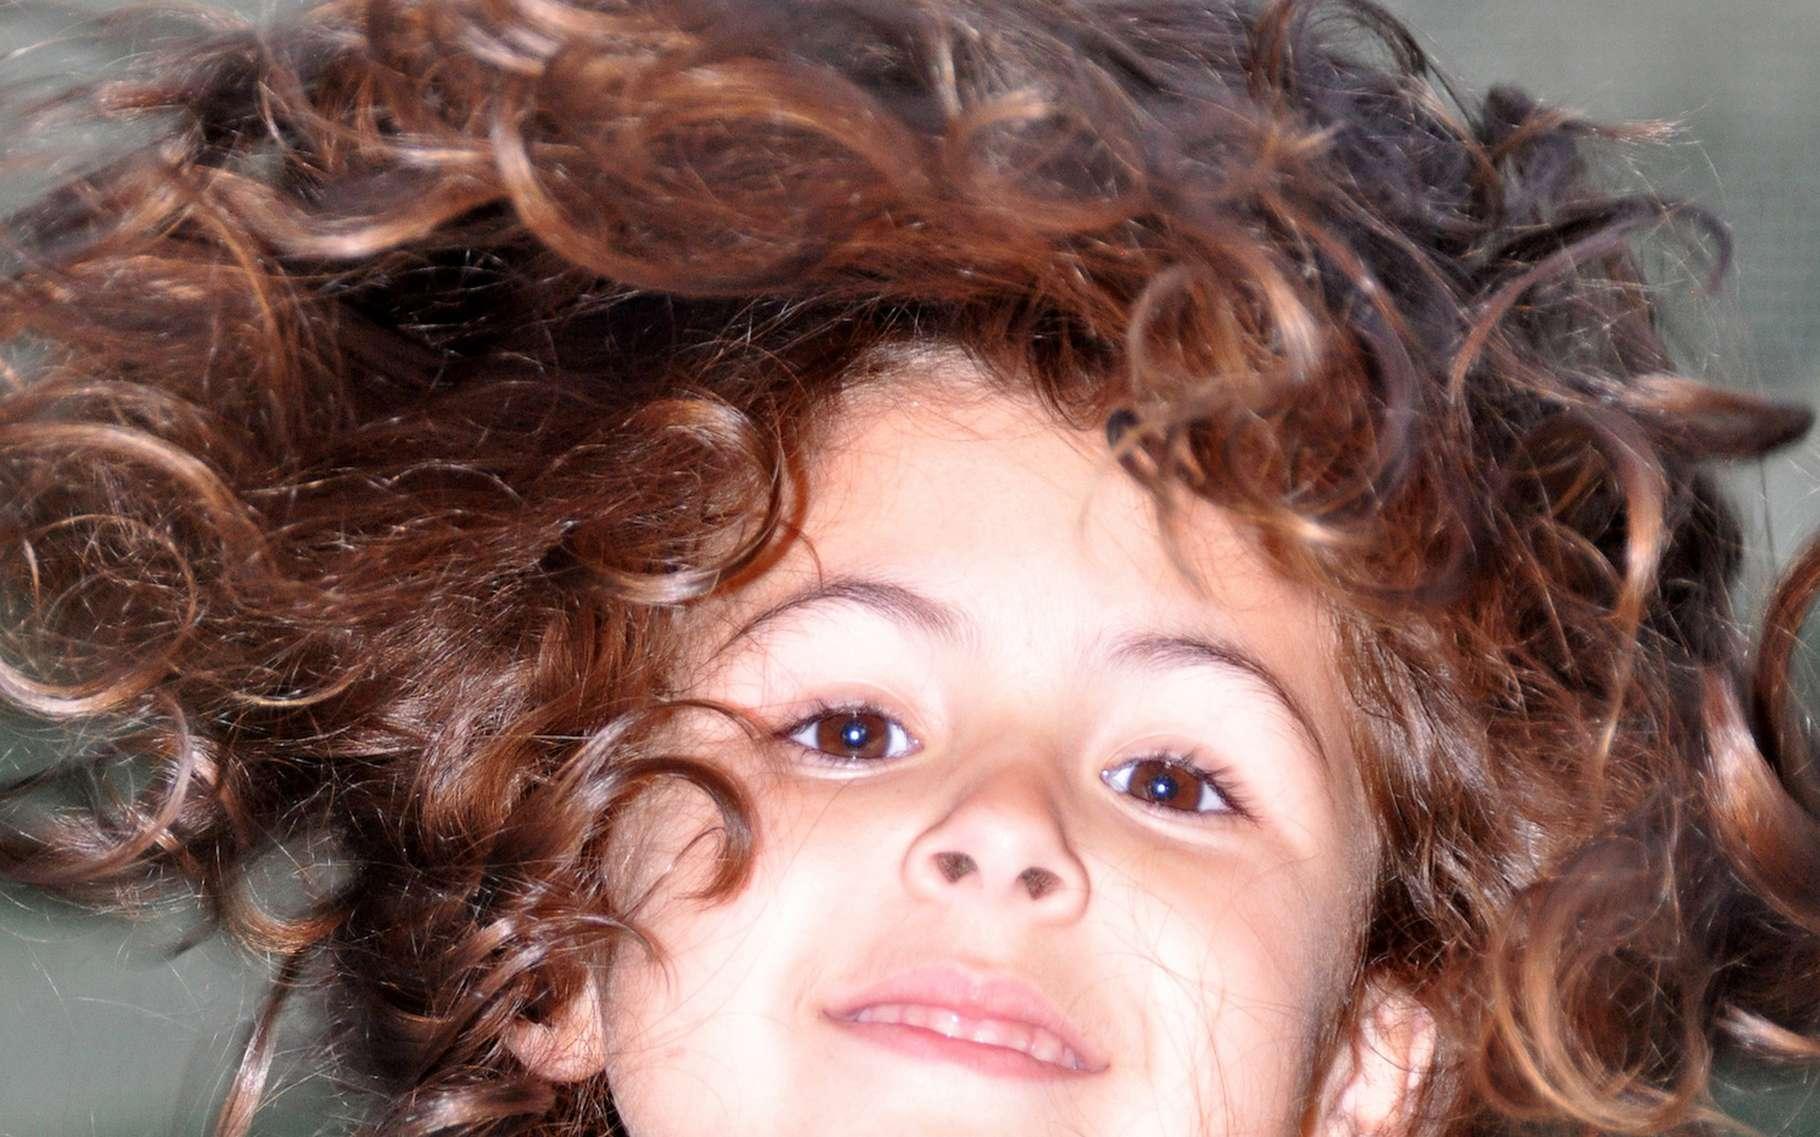 Le nombre de cheveux sur une tête dépend notamment de leur couleur. © max guitare, Flickr, CC by-nc-nd 2.0